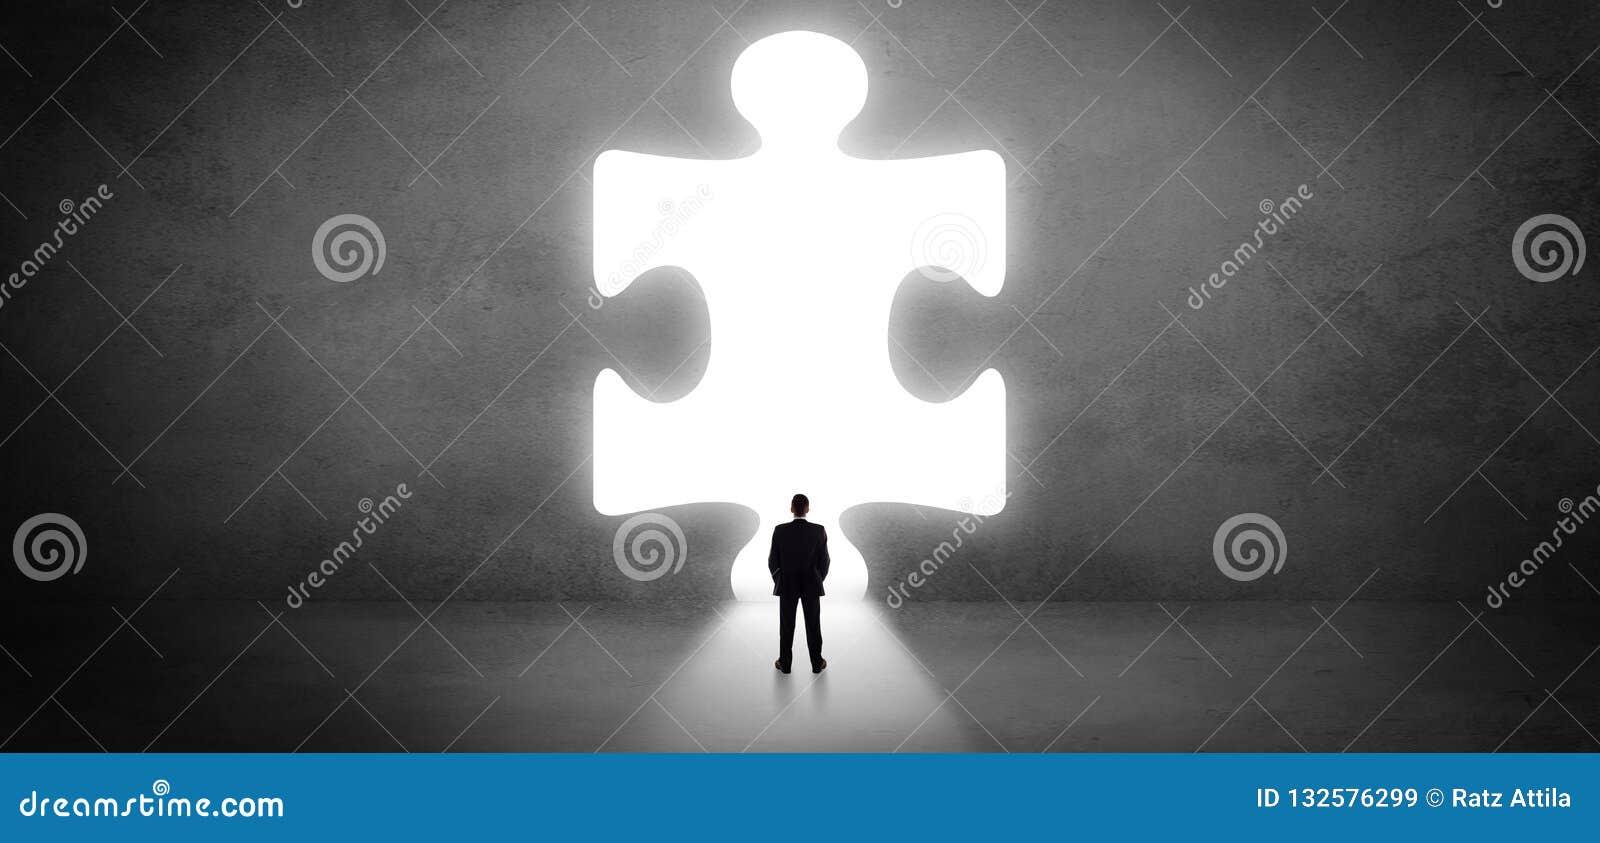 Бизнесмен стоя перед большой частью головоломки